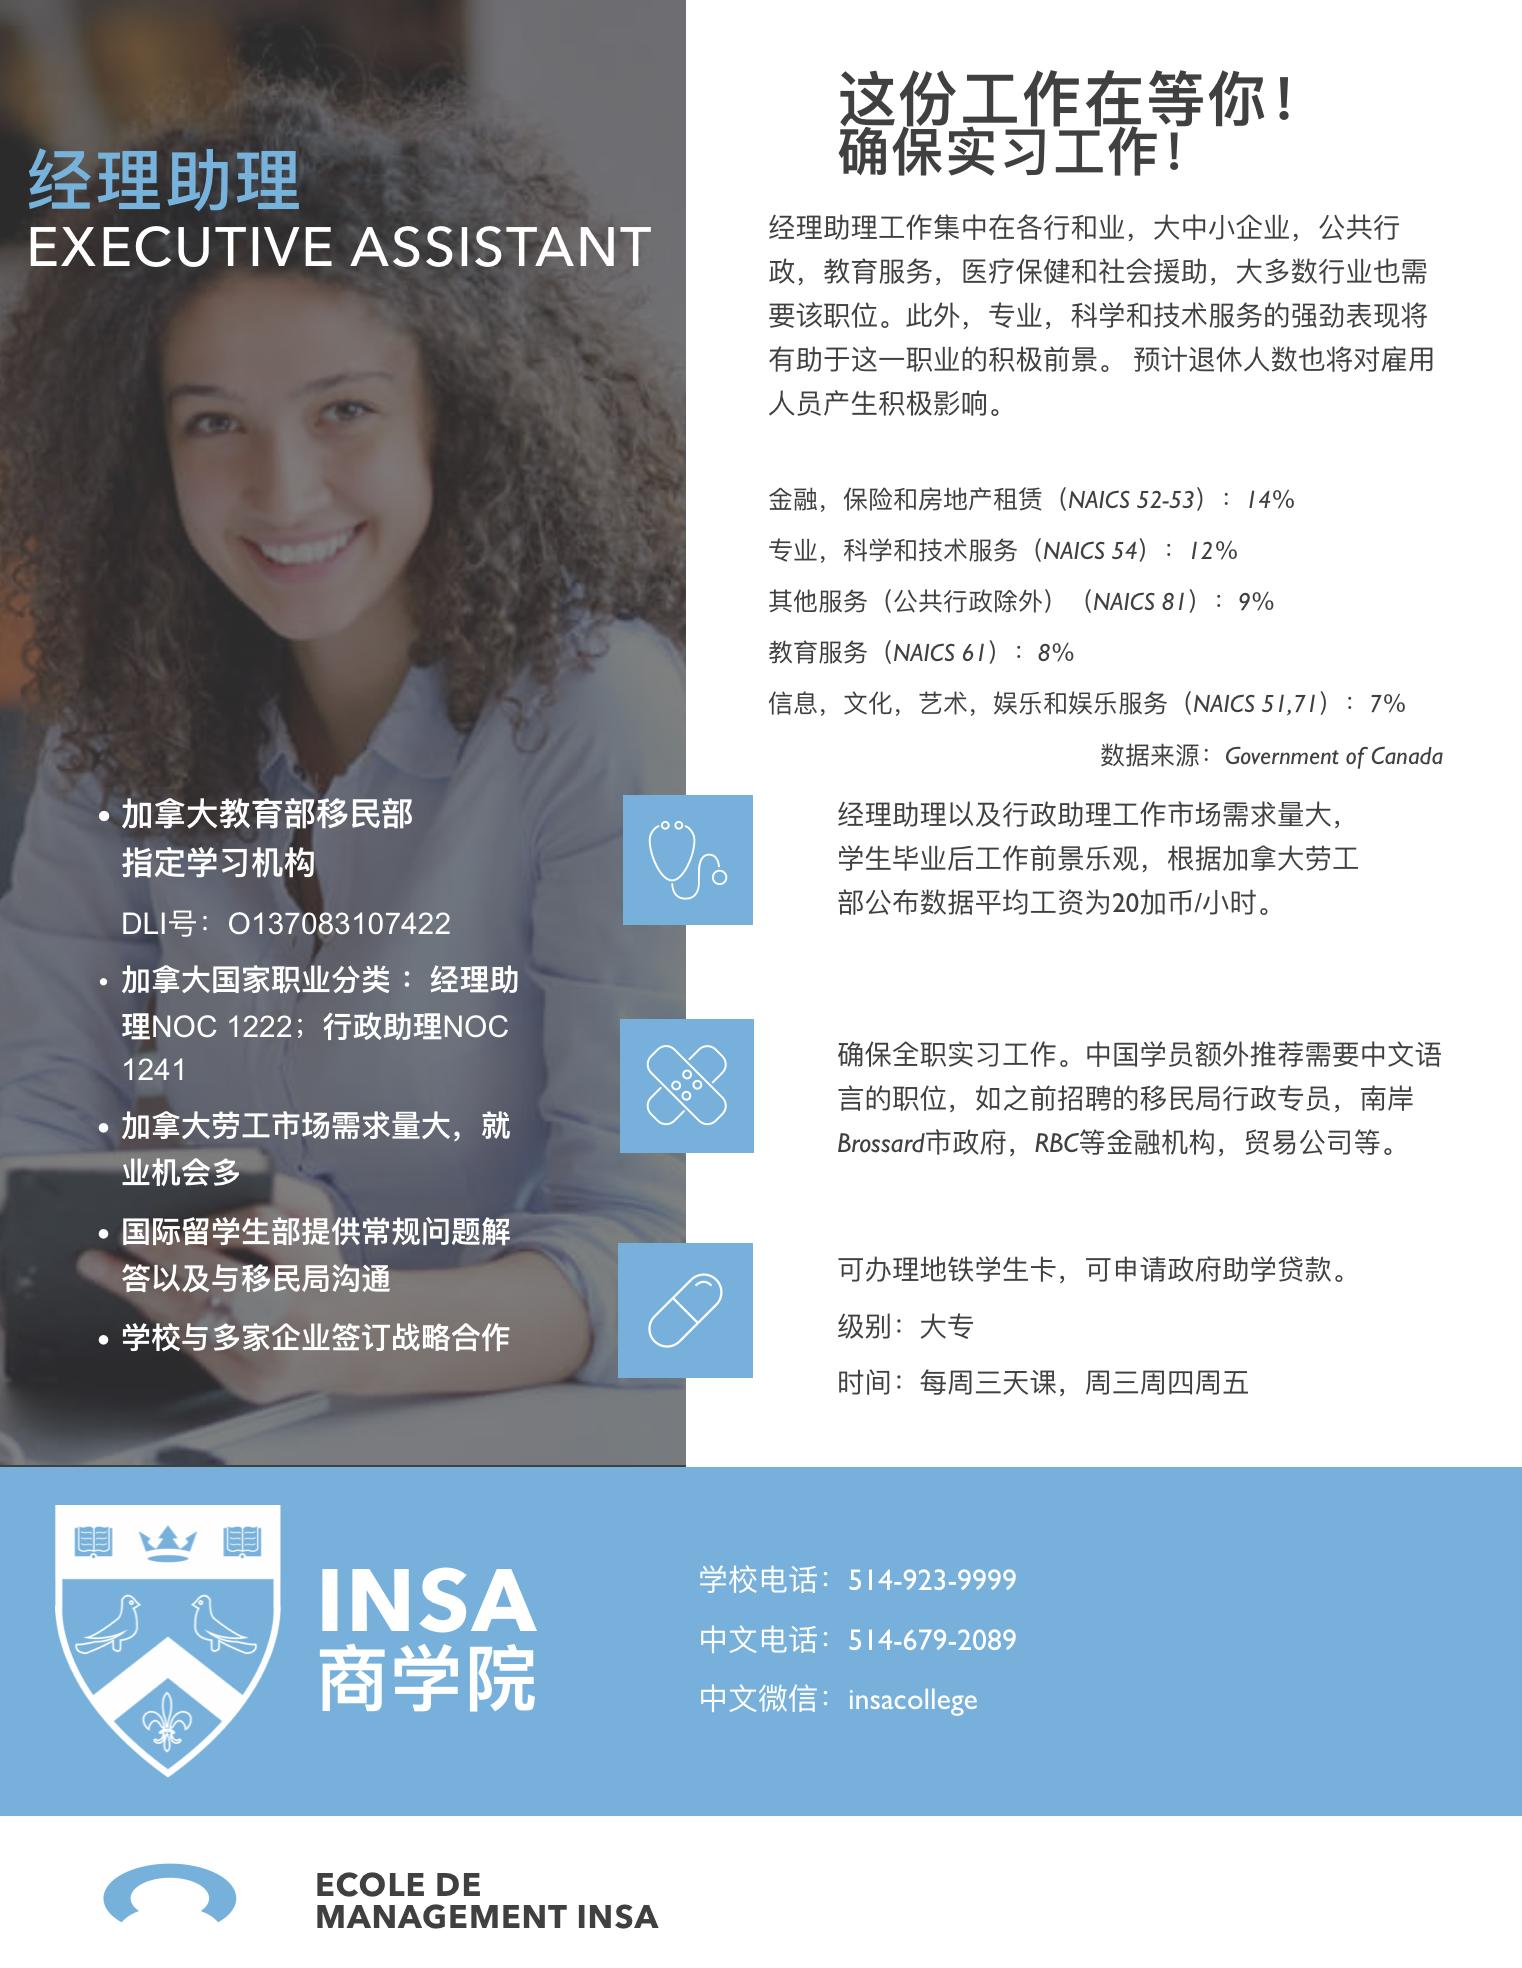 行政助理-大专文凭.png